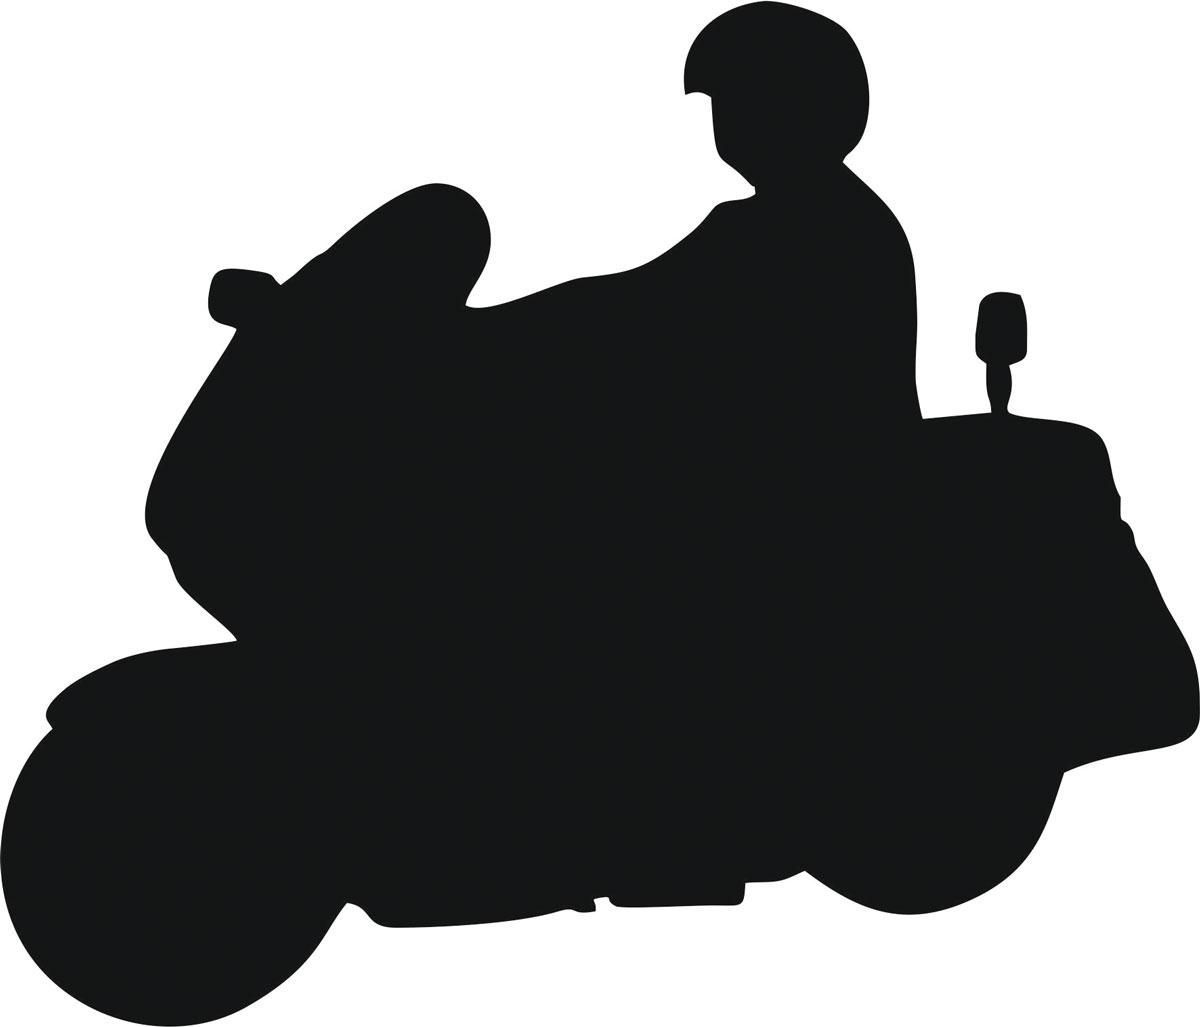 Фото - Наклейка ОранжевыйСлоник виниловая Мото12 для авто или интерьера, Винил авто